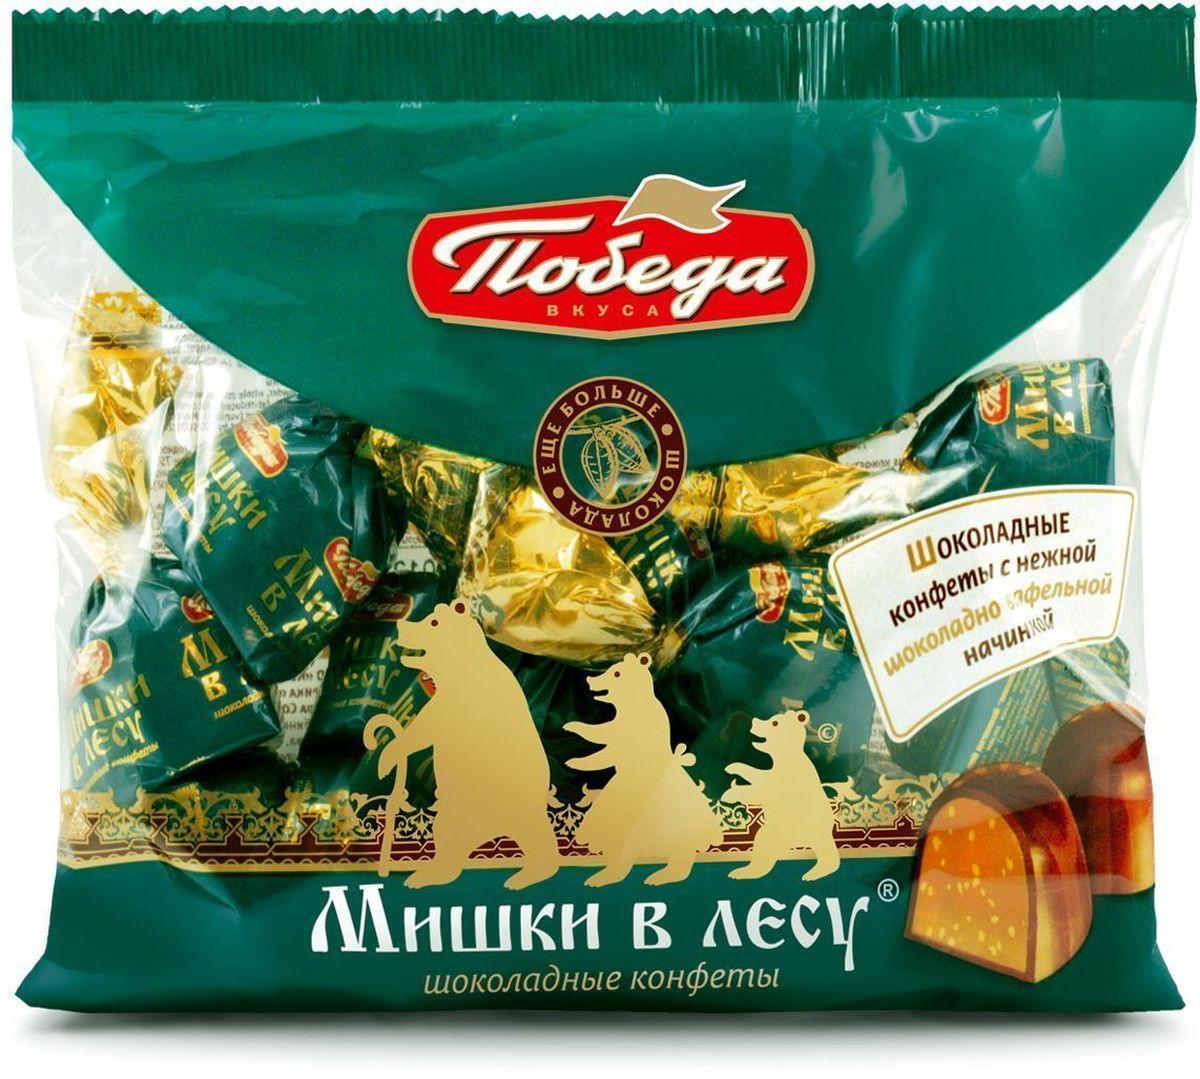 Победа вкуса Мишки в лесу шоколадные конфеты с шоколадно-вафельной начинкой, 250 г4607039270266_русские узорыГармоничная композиция с мягкой молочно-шоколадной начинкой, хрустящим криспом в окружении молочного шоколада. Для тех, кто ценит традиции и любит чаепитие в кругу семьи и друзей.